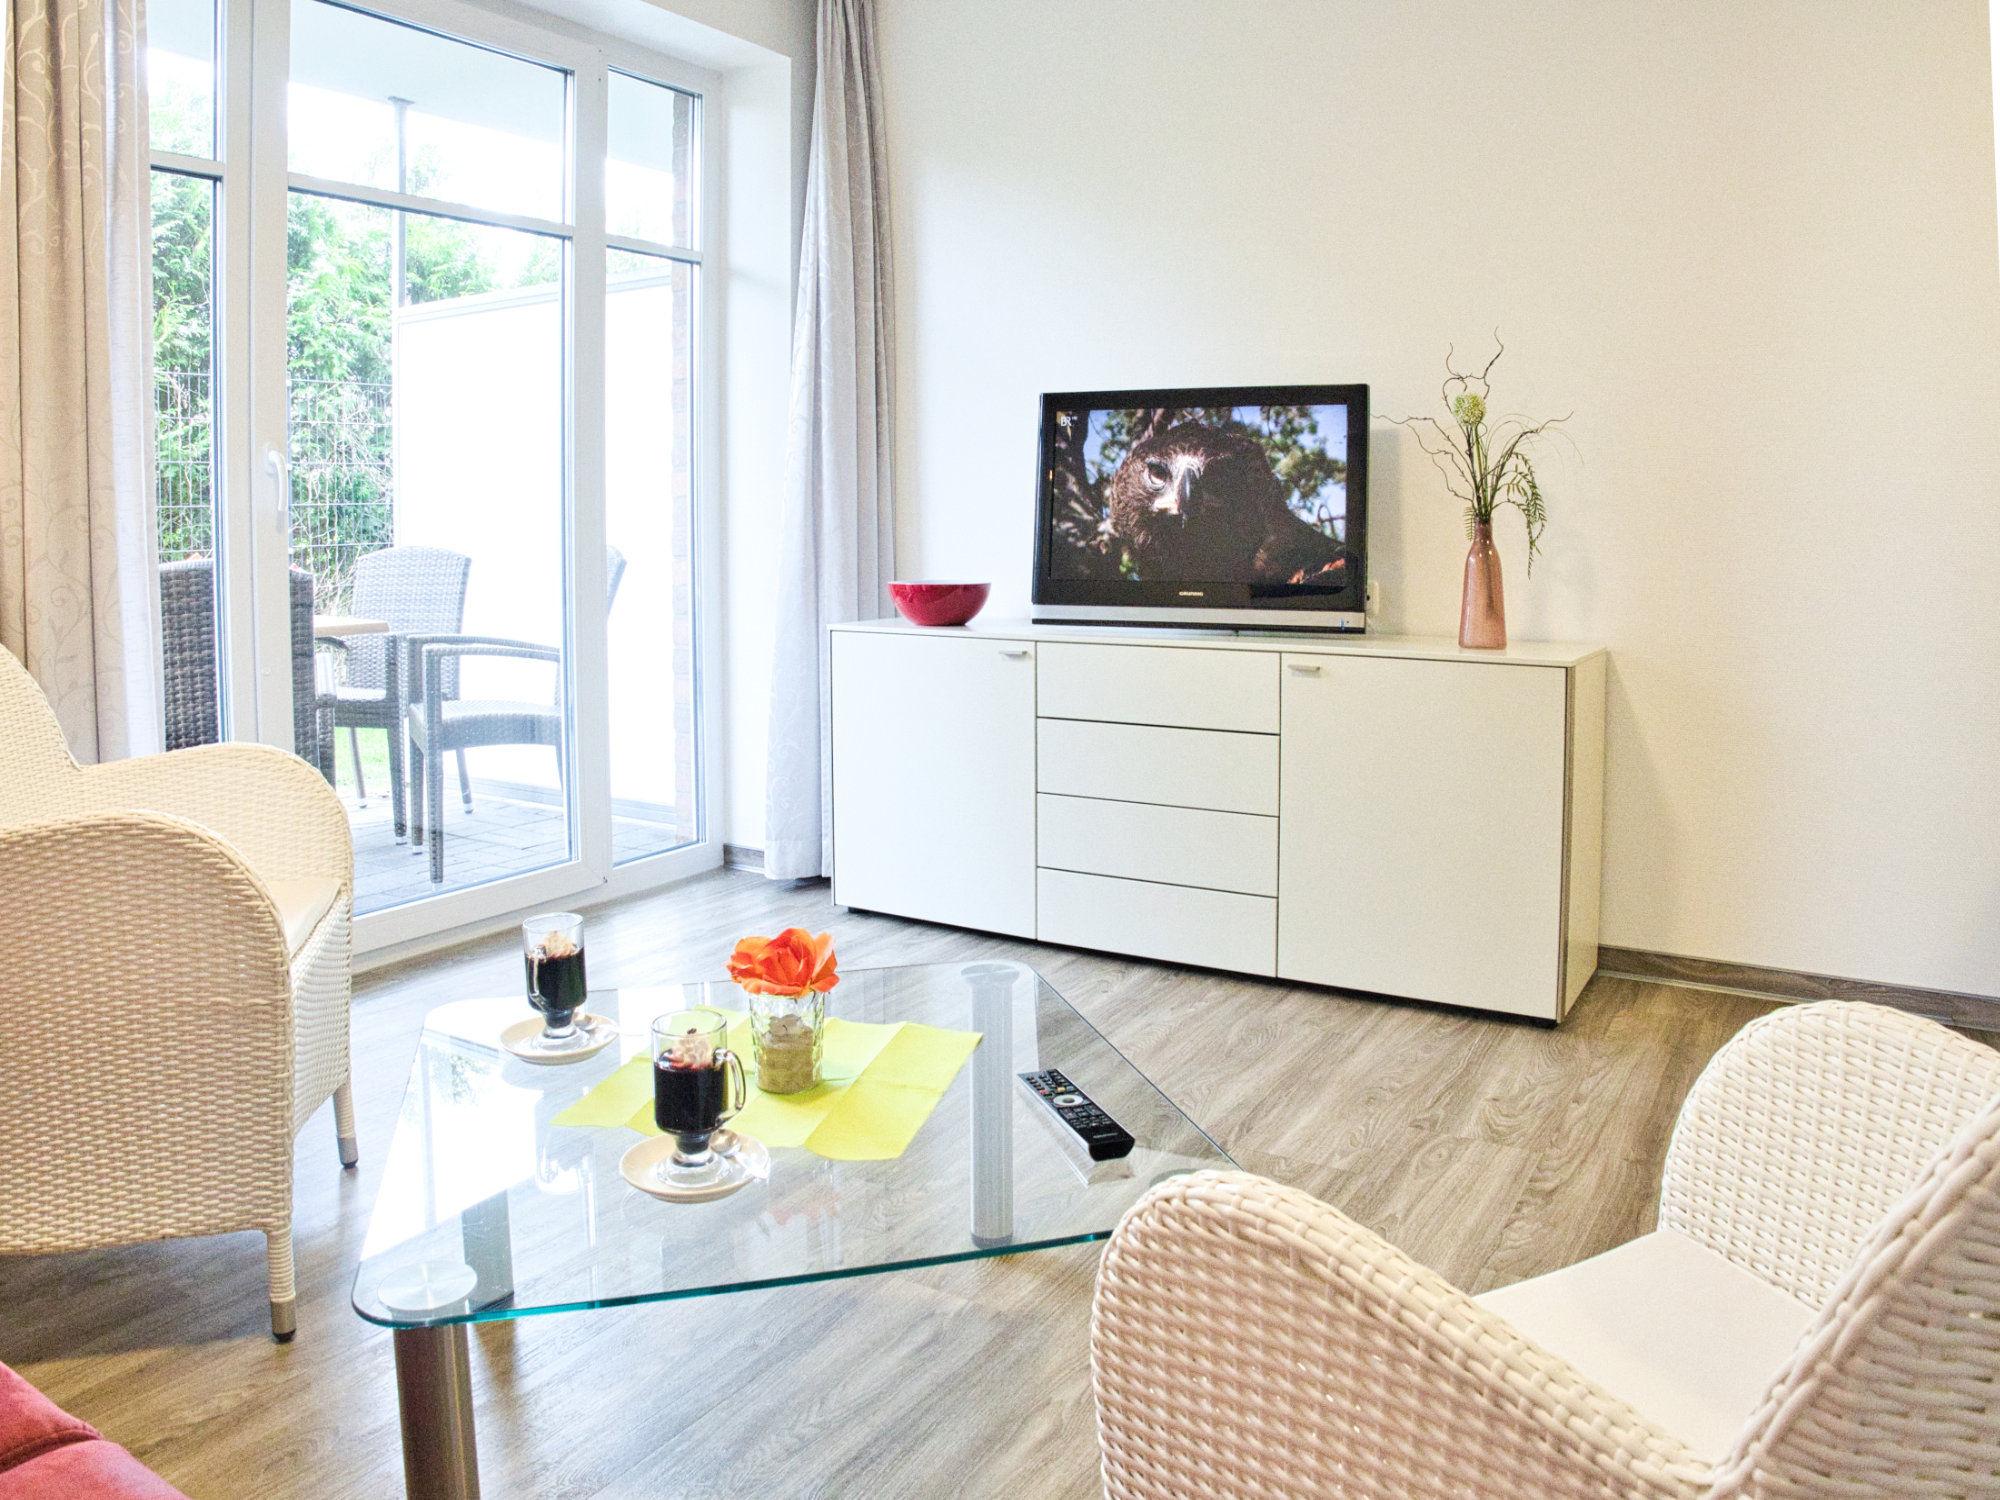 Wohnzimmer mit Couch, Glastisch, 2 Korbsesseln, Sideboard und Flatscreen TV, große Terrassentür